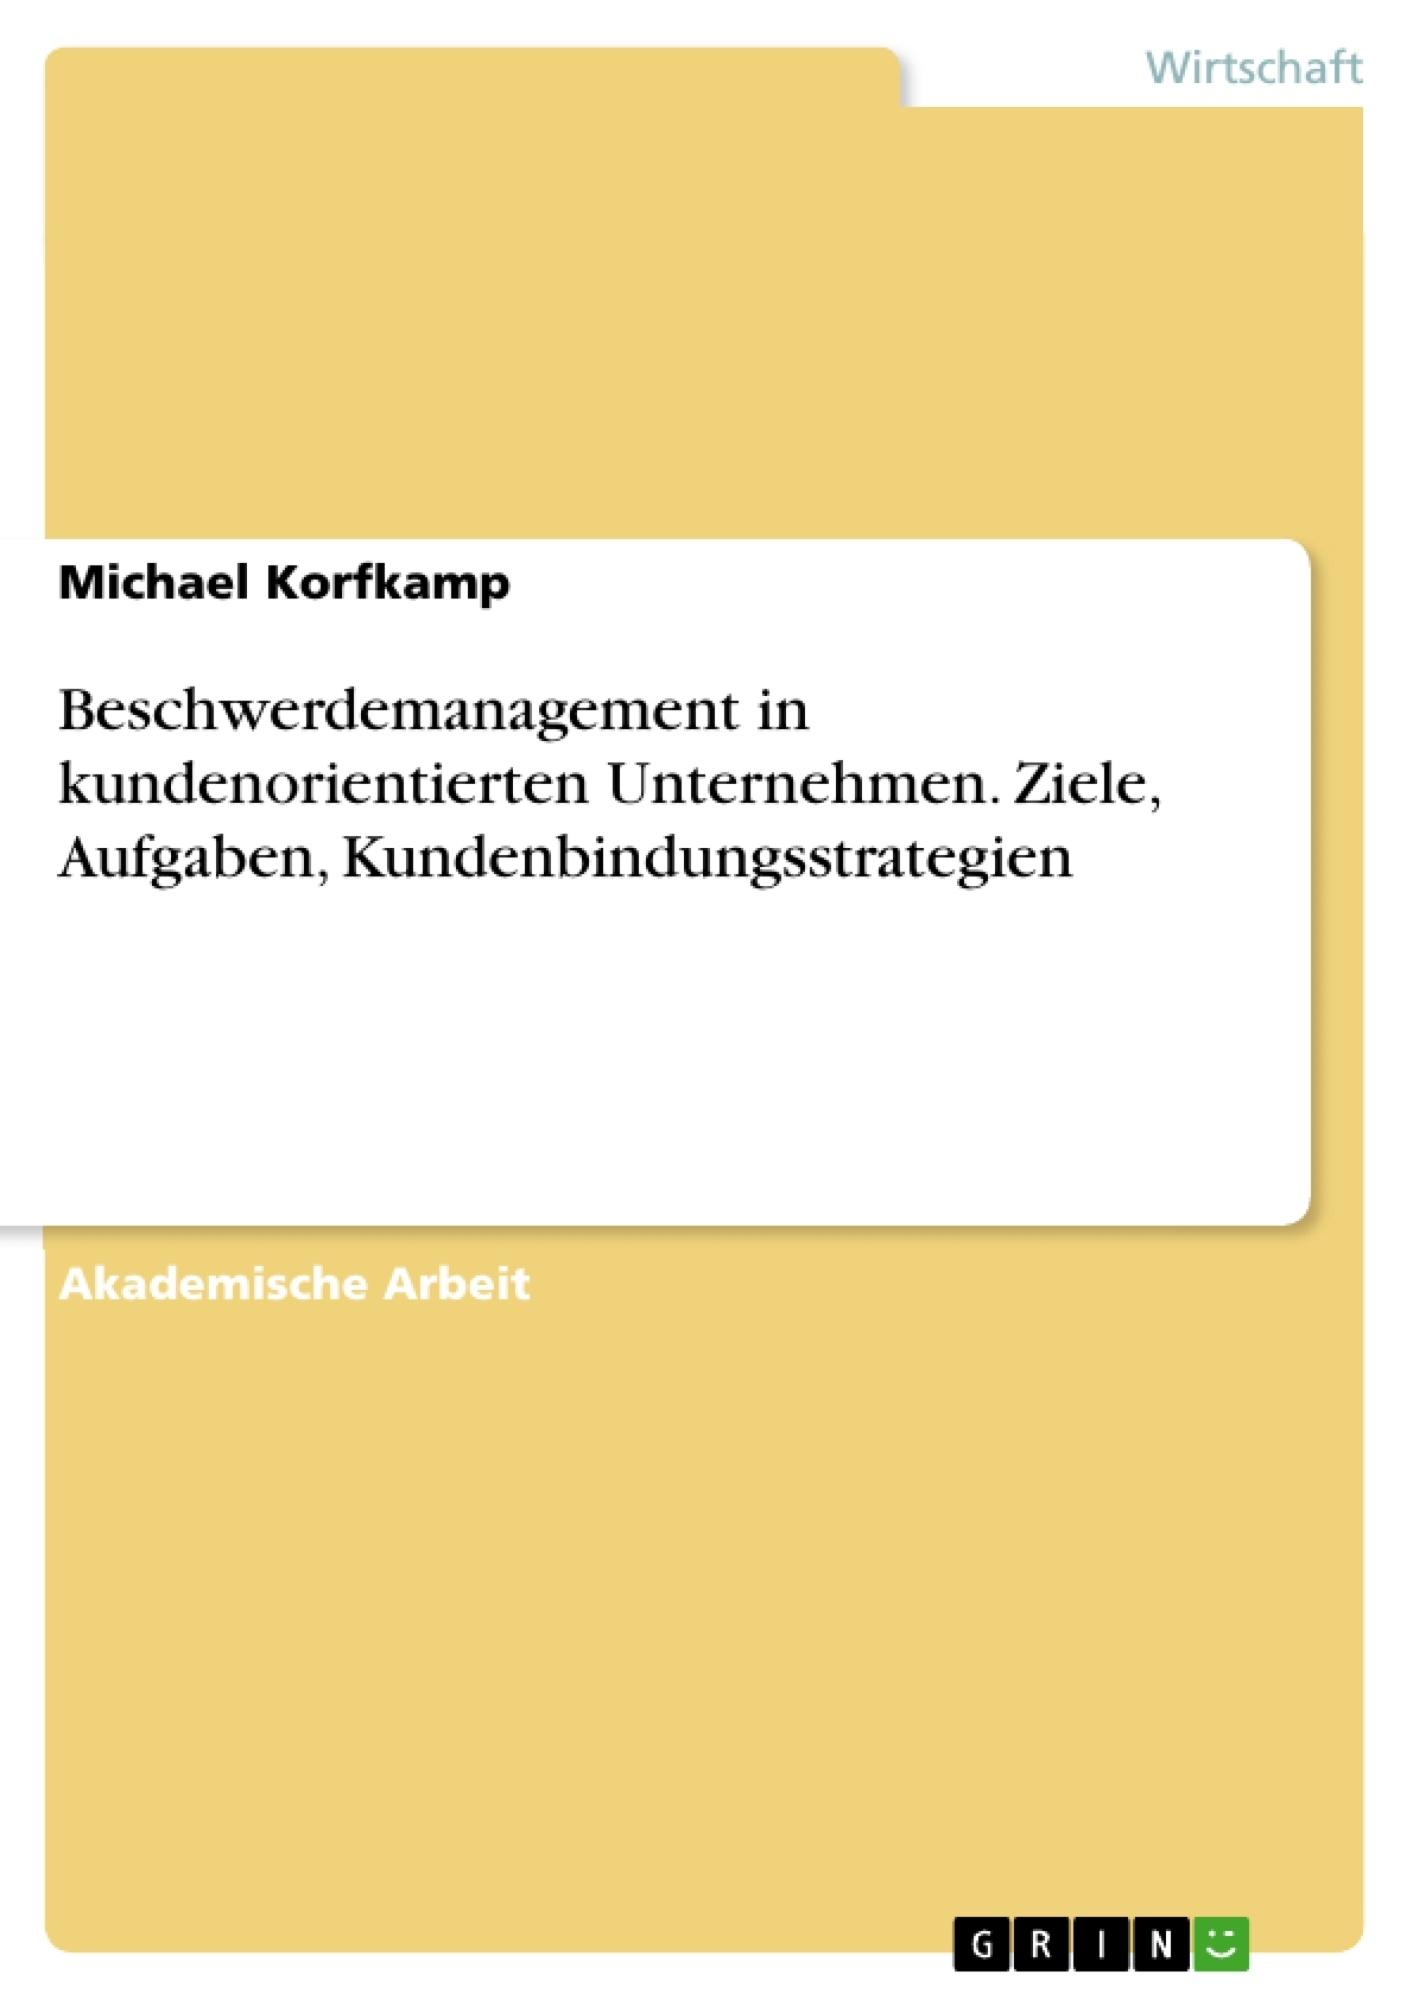 Titel: Beschwerdemanagement in kundenorientierten Unternehmen. Ziele, Aufgaben, Kundenbindungsstrategien